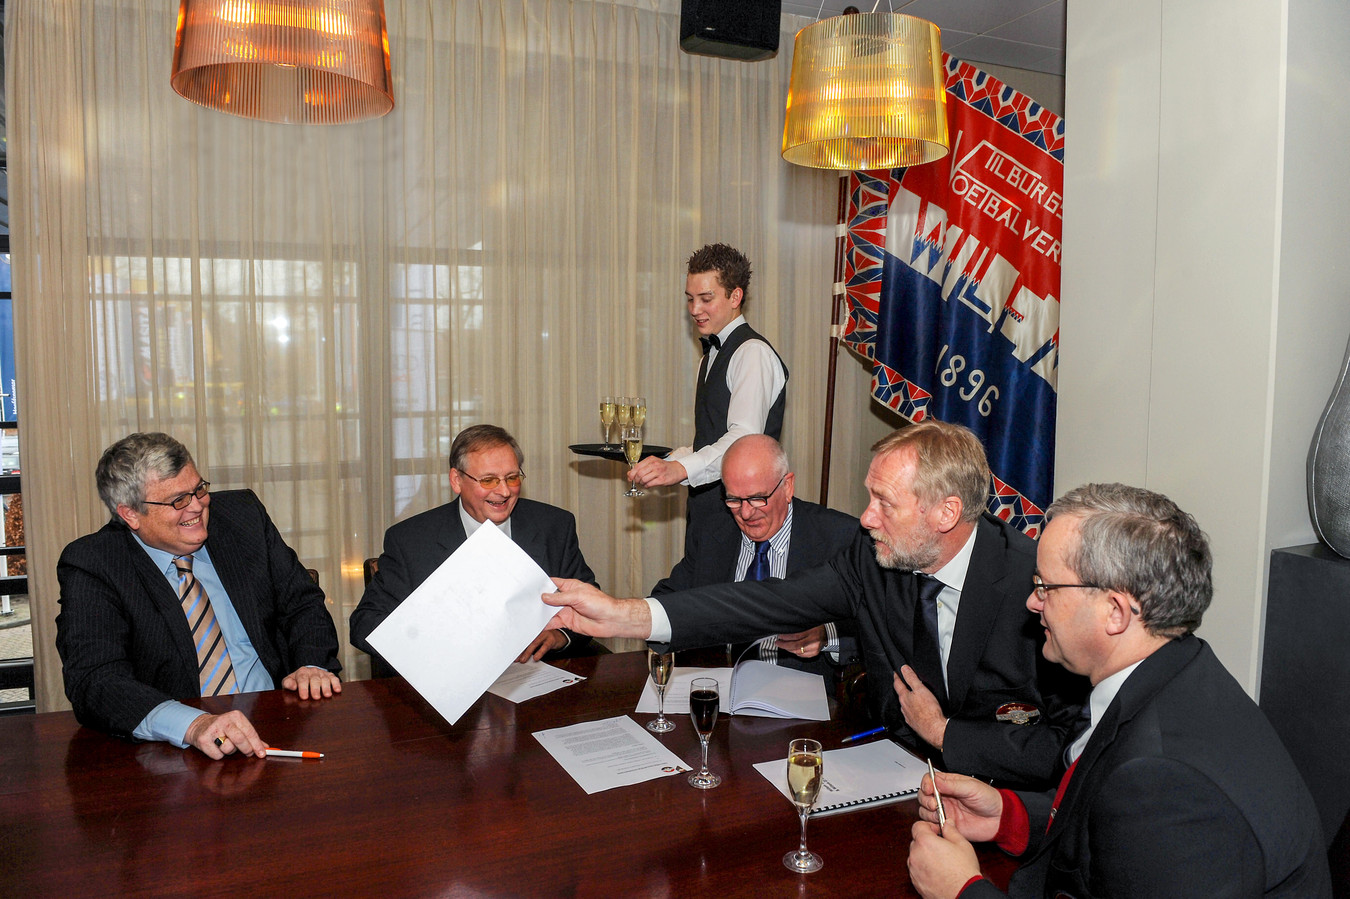 De ondertekening van een samenwerkingsovereenkomst tussen de bvo Willem II en de amateurs. Met geheel links Hans van Erven en tweede van rechts toenmalig Willem II-voorzitter Hans Verbunt.